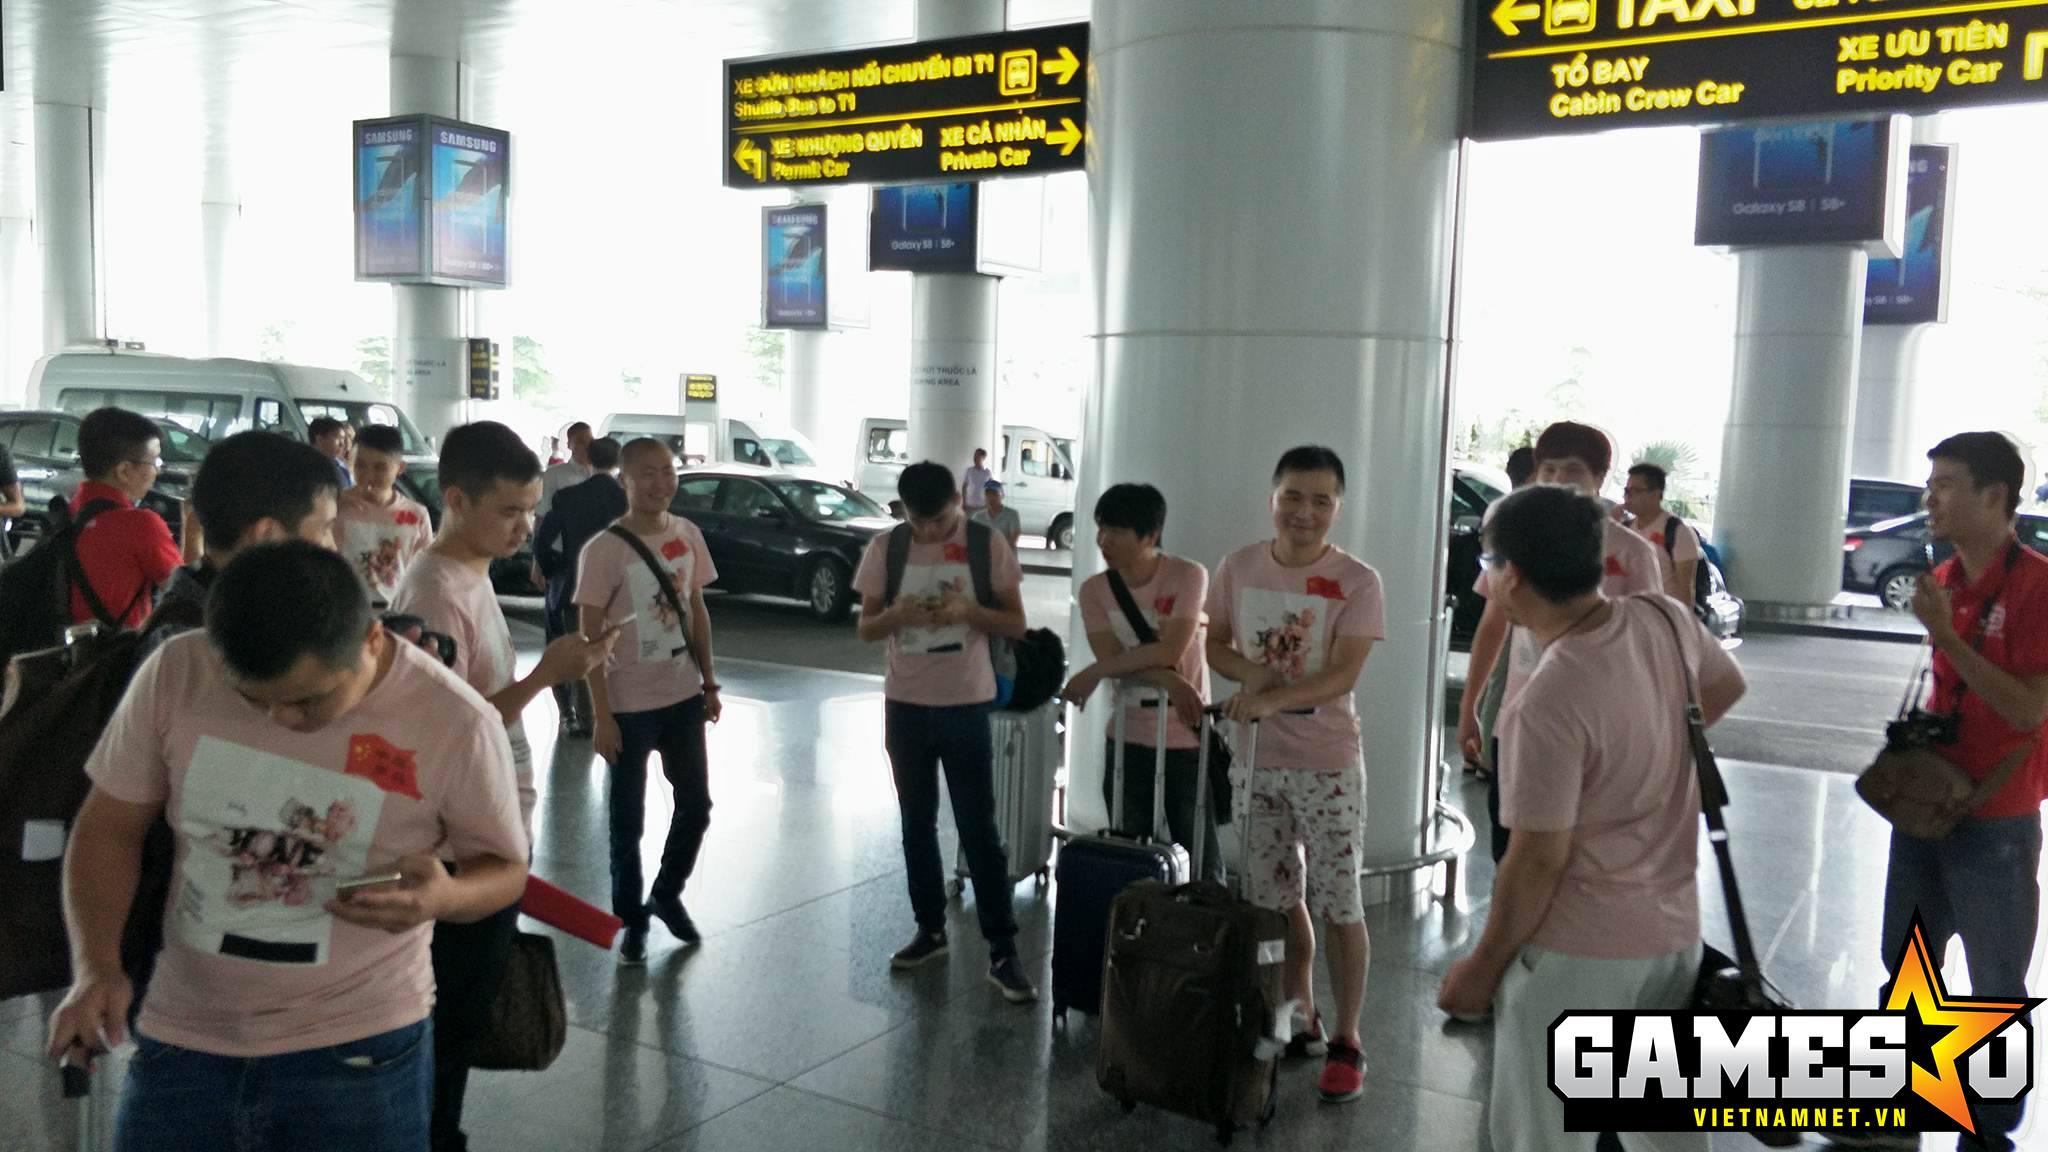 Đoàn AoE Trung Quốc đã xách va li về nước sớm